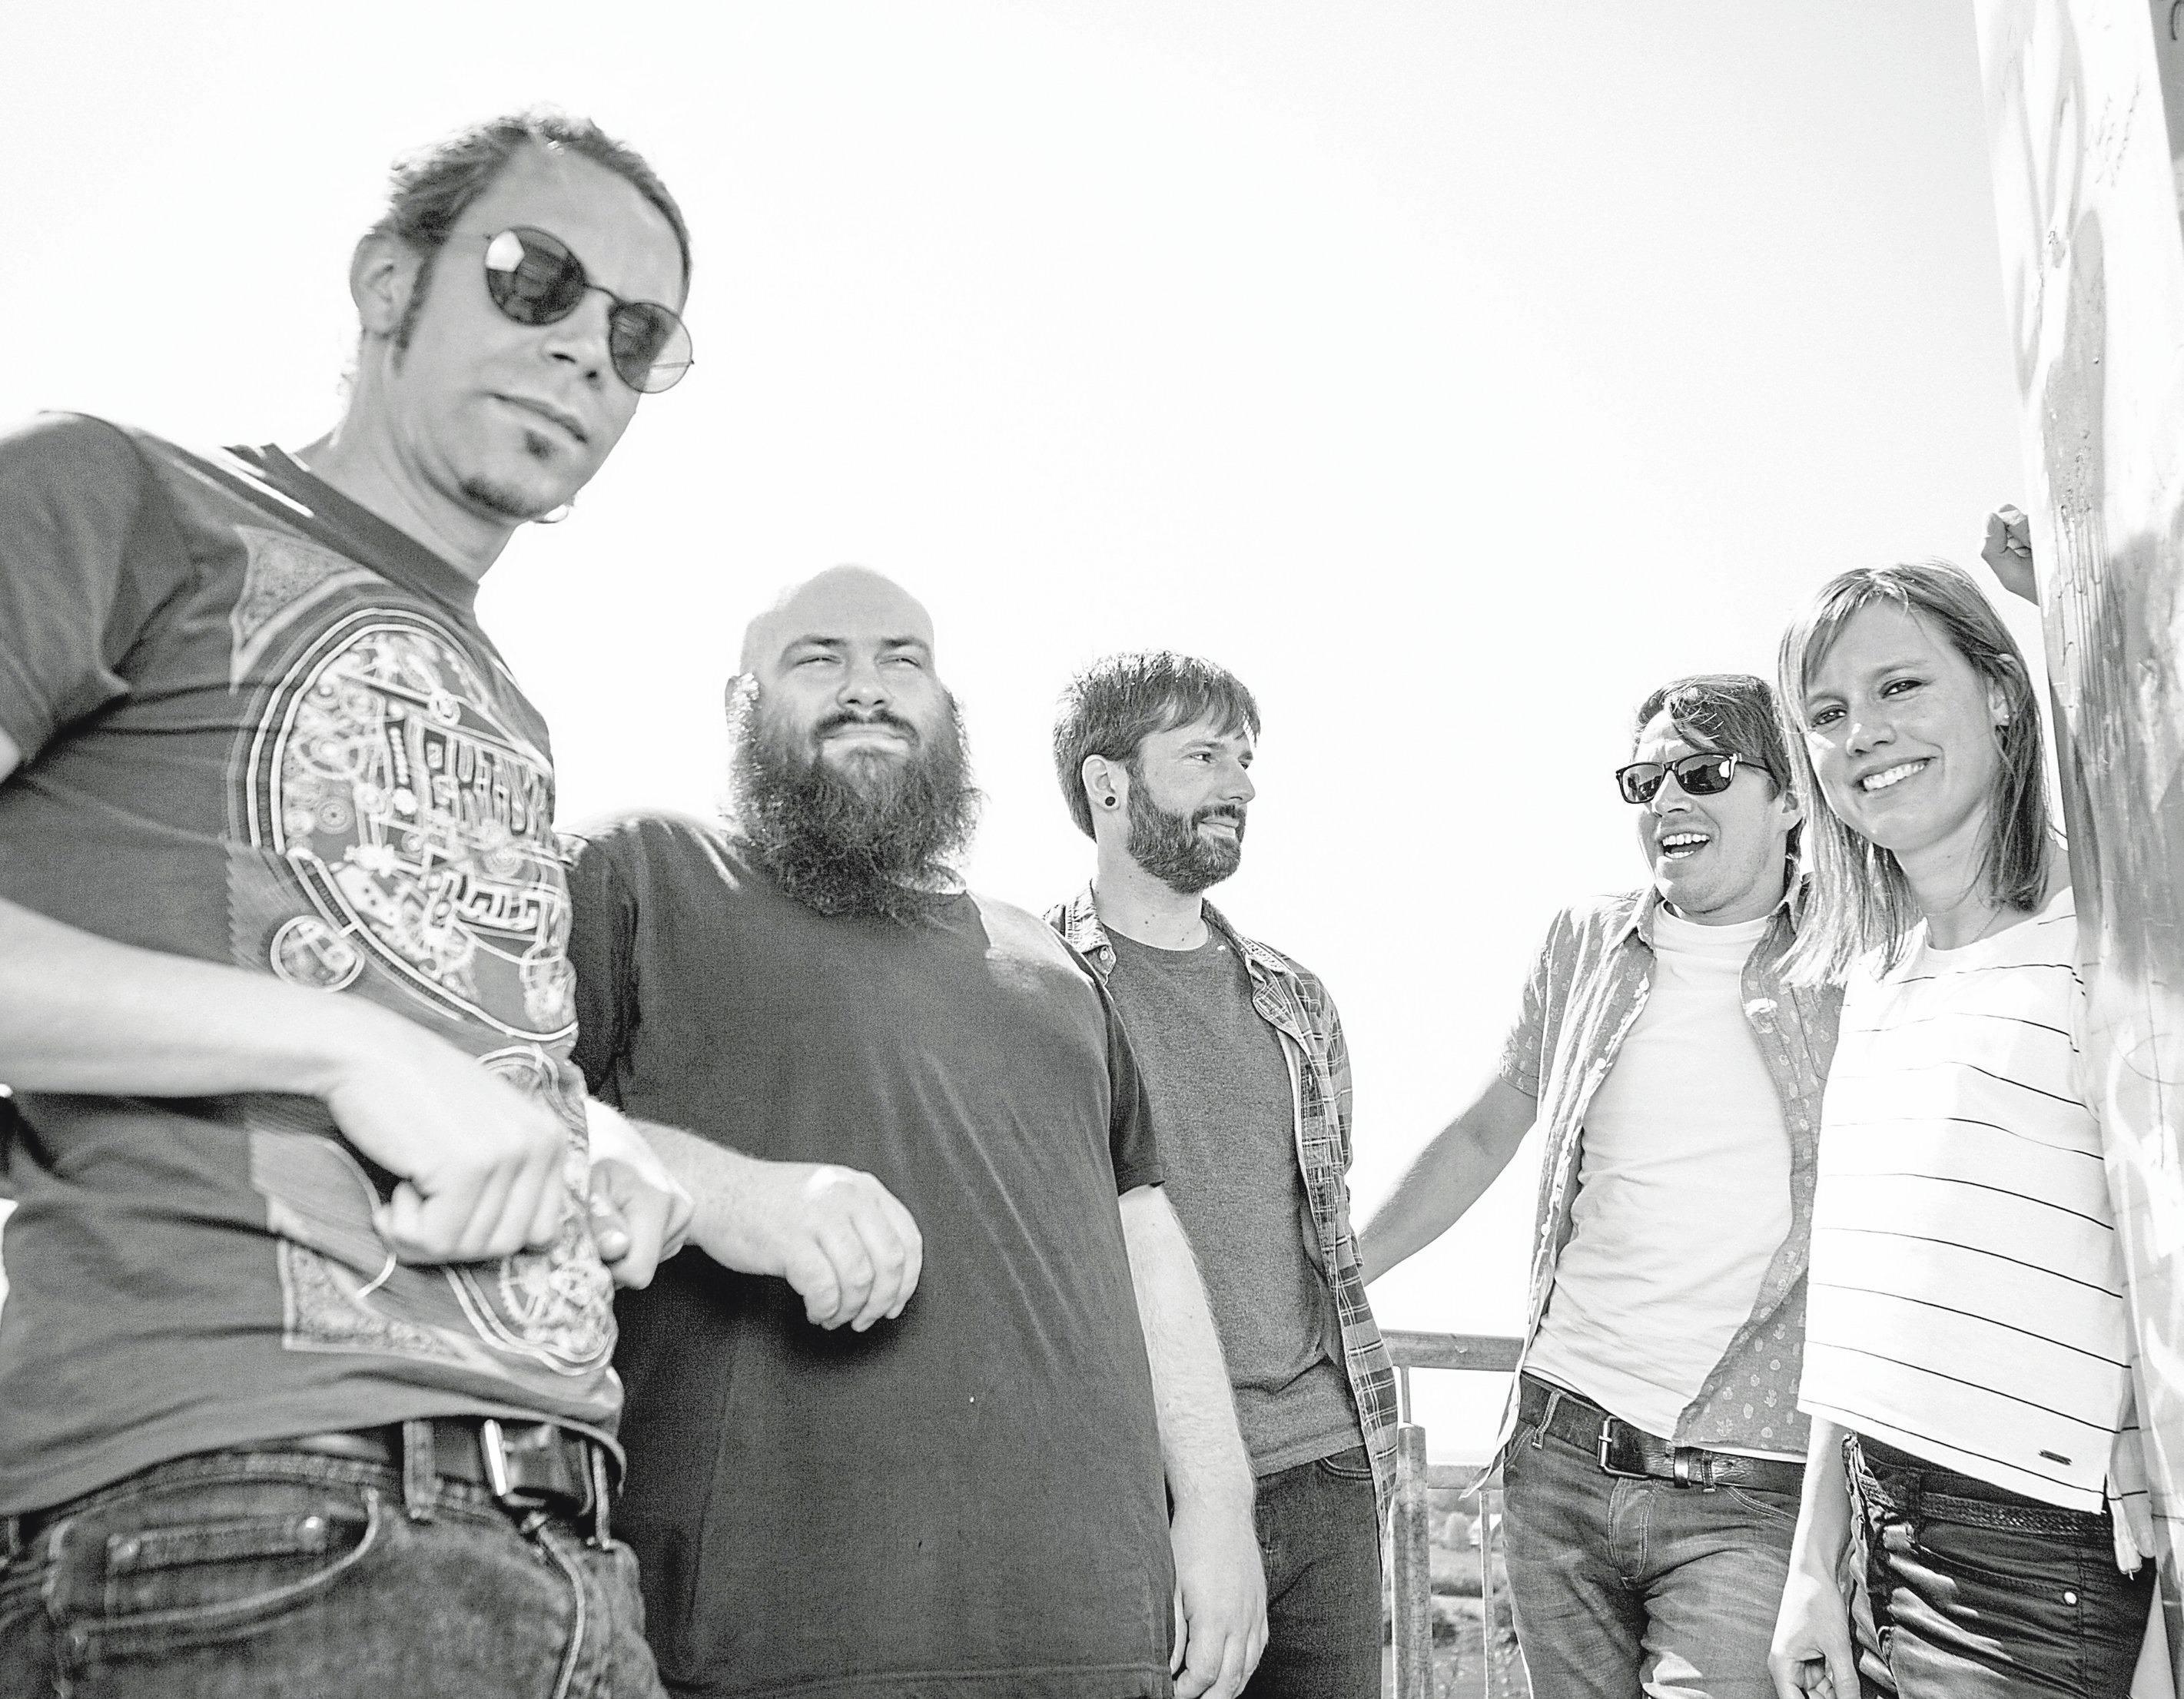 Elna spielen rockige deutschsprachige Songs. Foto: Matthias Höing